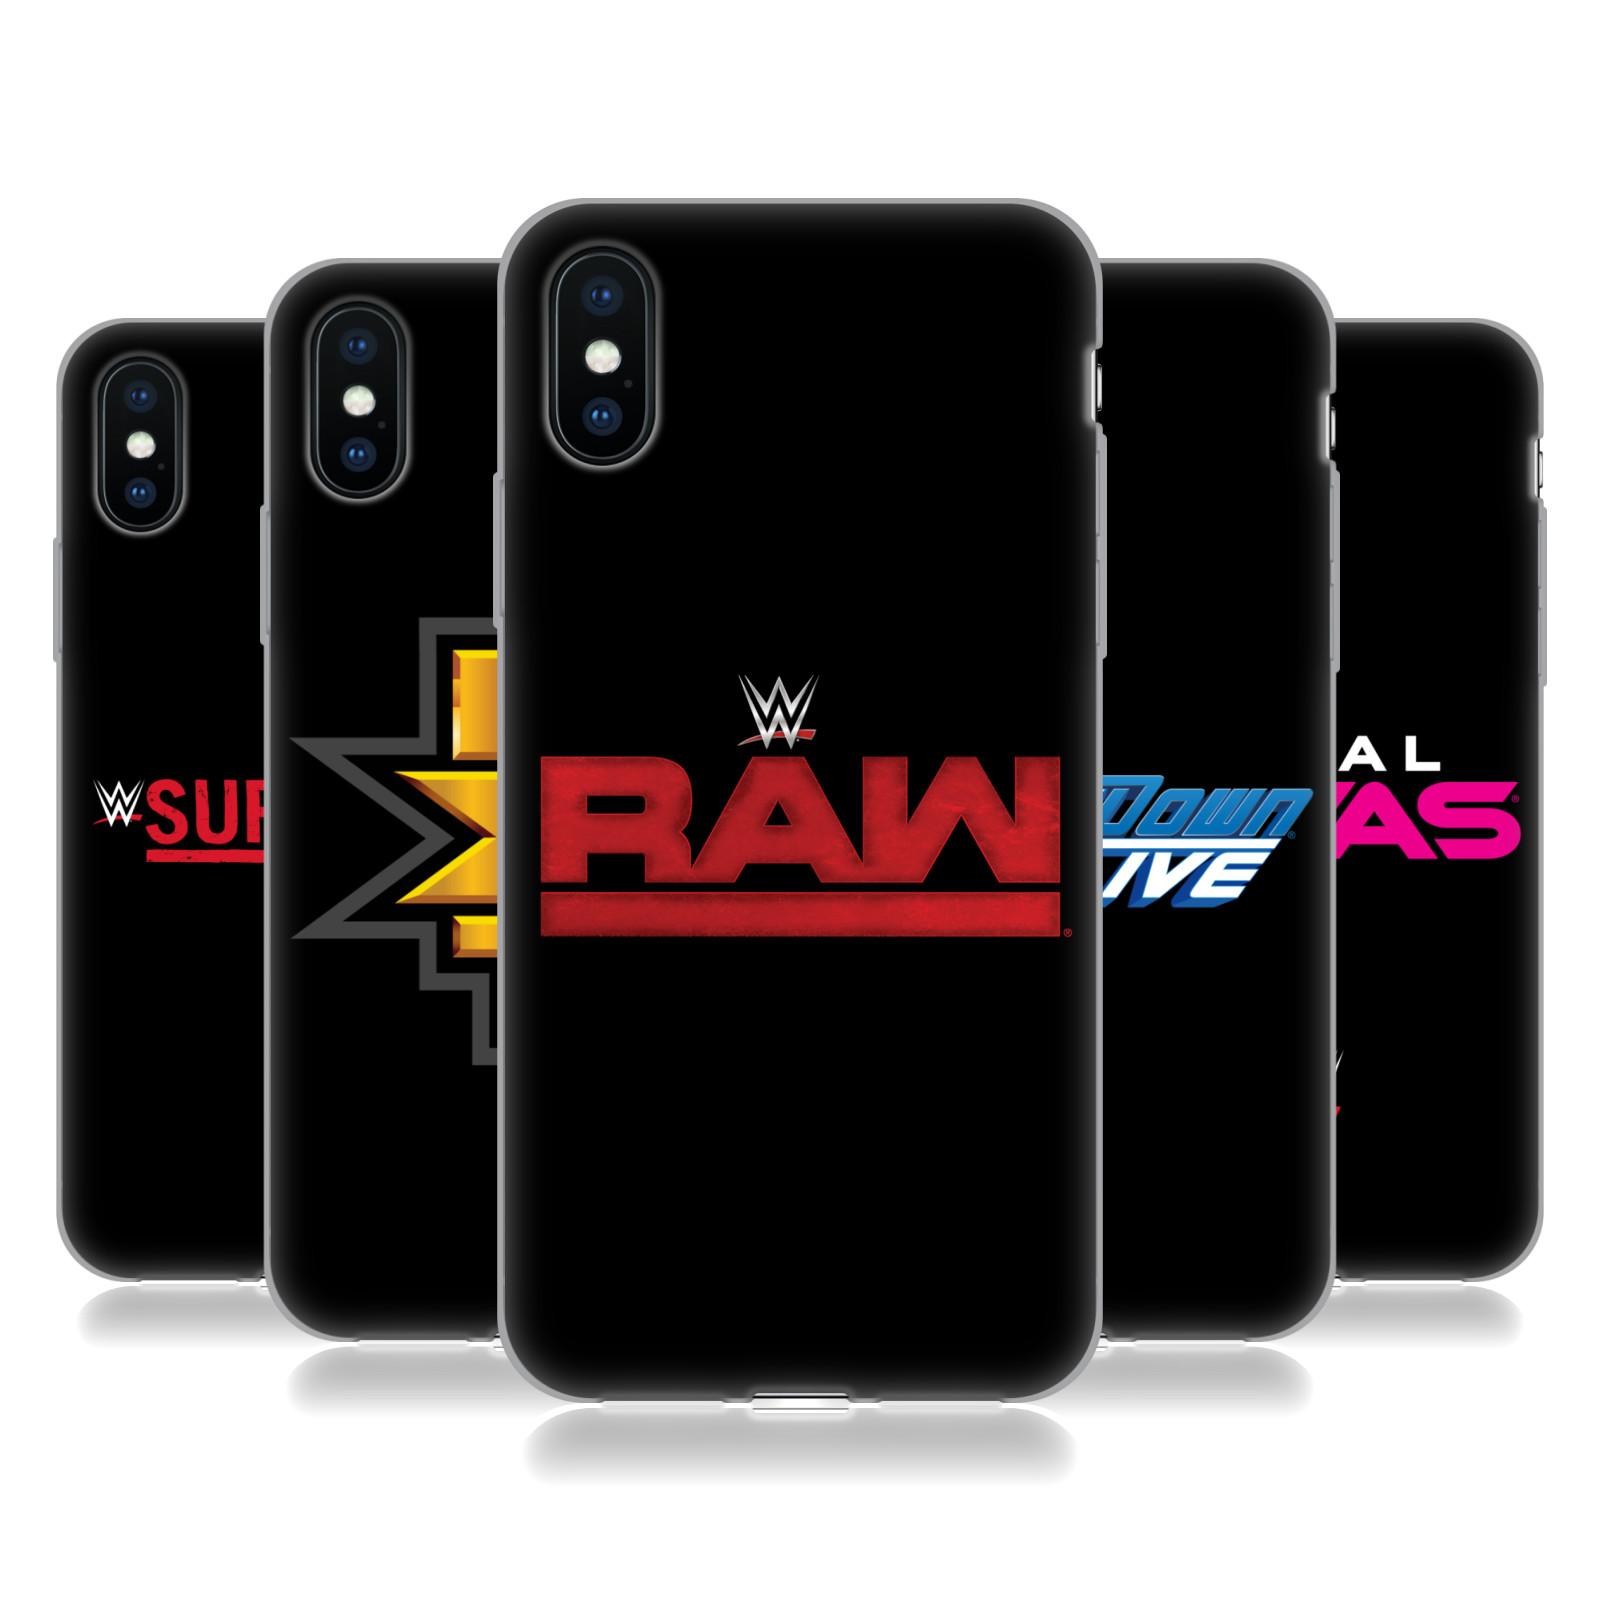 WWE <!--translate-lineup-->The Shows<!--translate-lineup-->